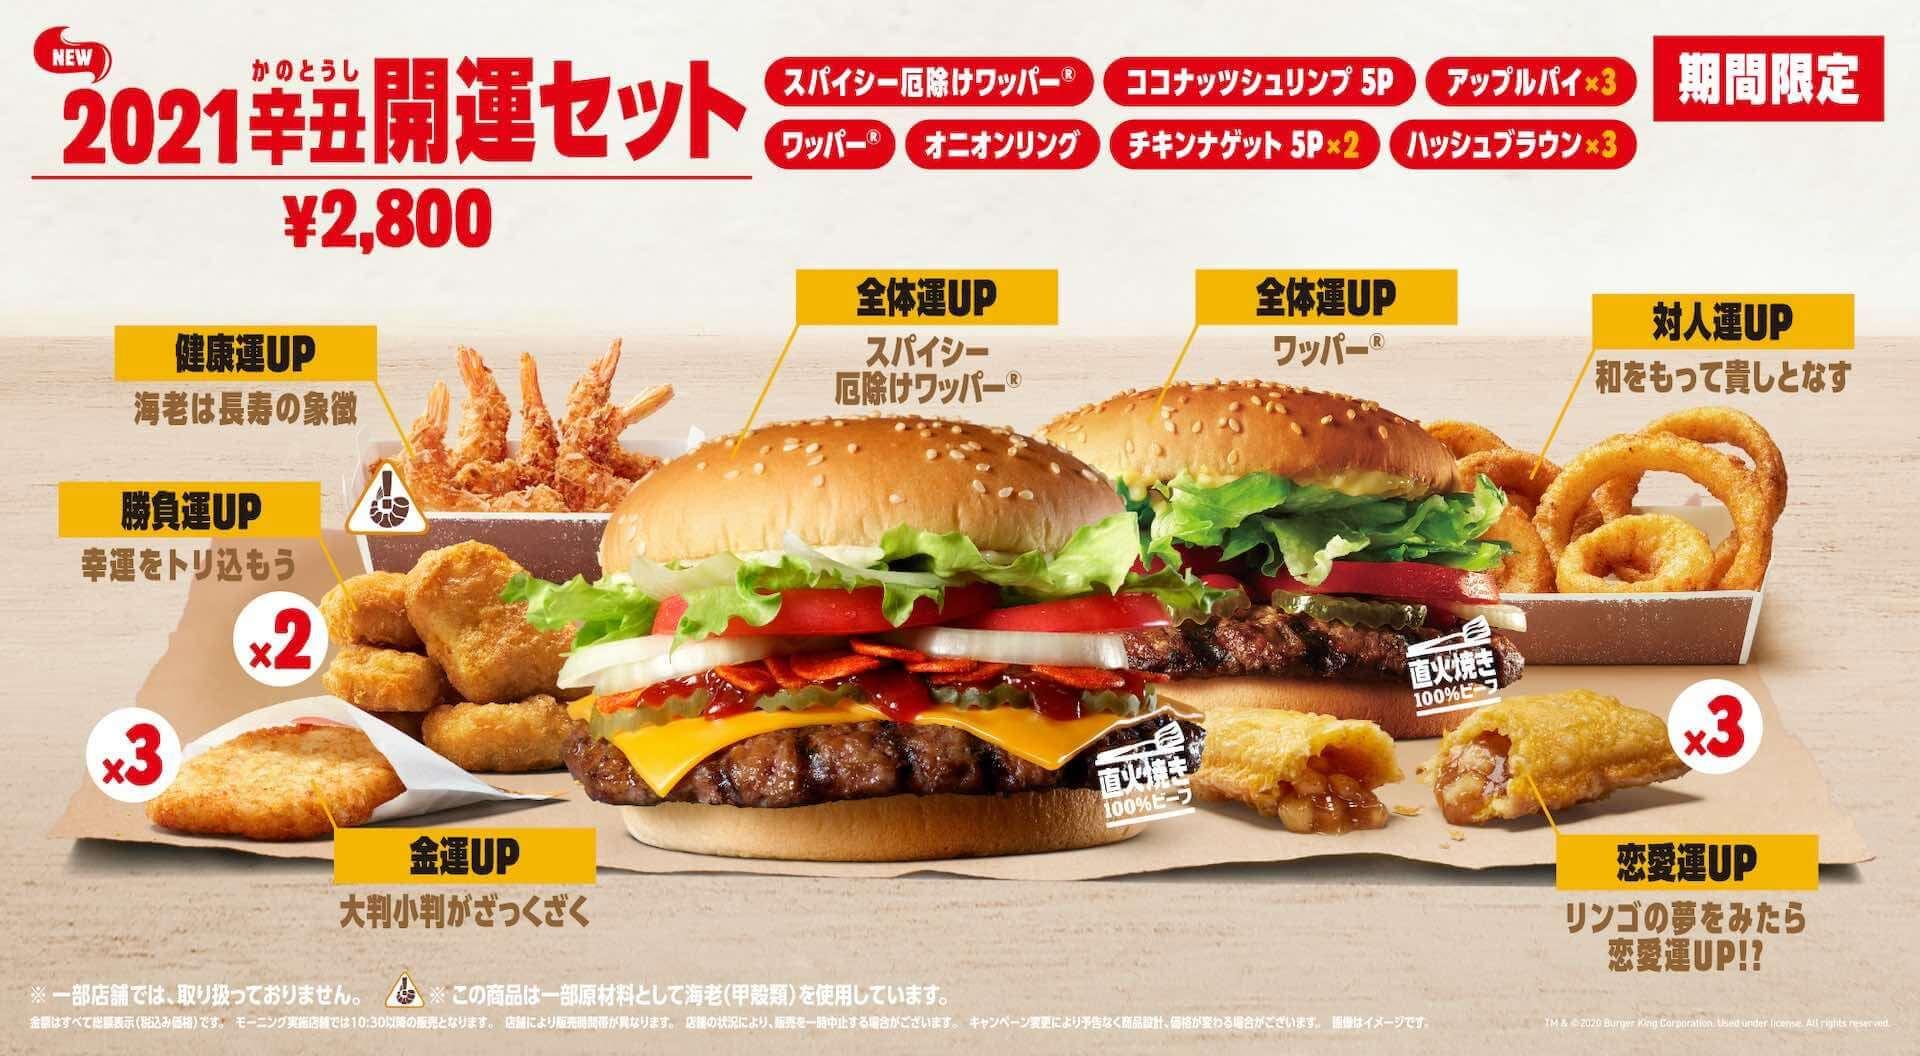 日本一辛い黄金一味を使用したバーガーキングの新商品でフレッシュな新年を!『スパイシー厄除けワッパー』が明日発売 gourmet201224_burgerking_5-1920x1056